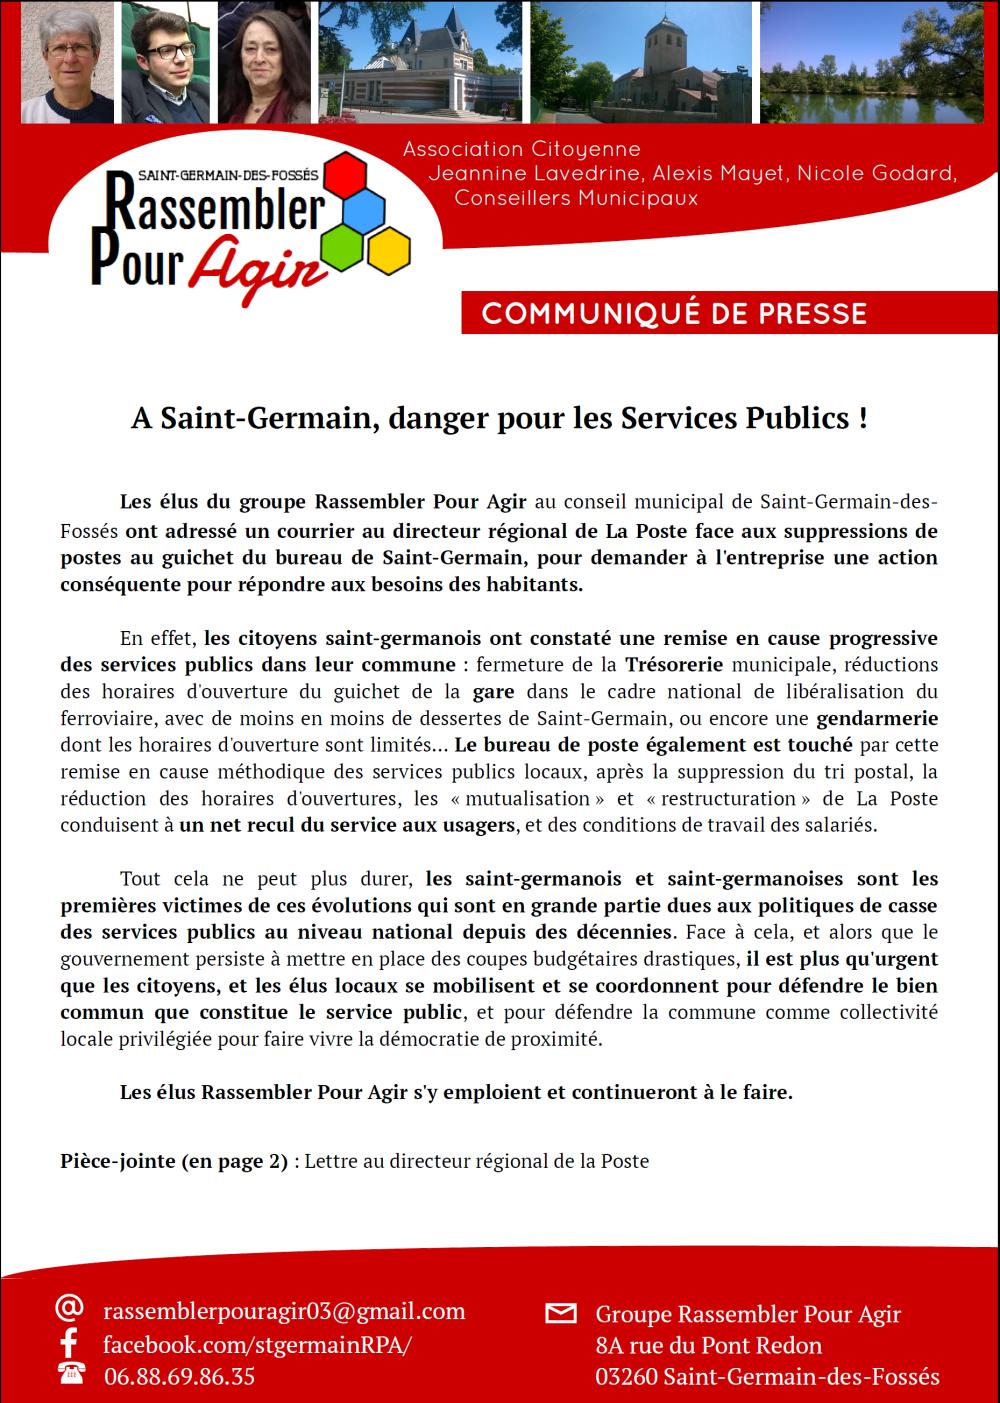 Des élus de St Germain-des-Fossés écrivent au Directeur de la Poste